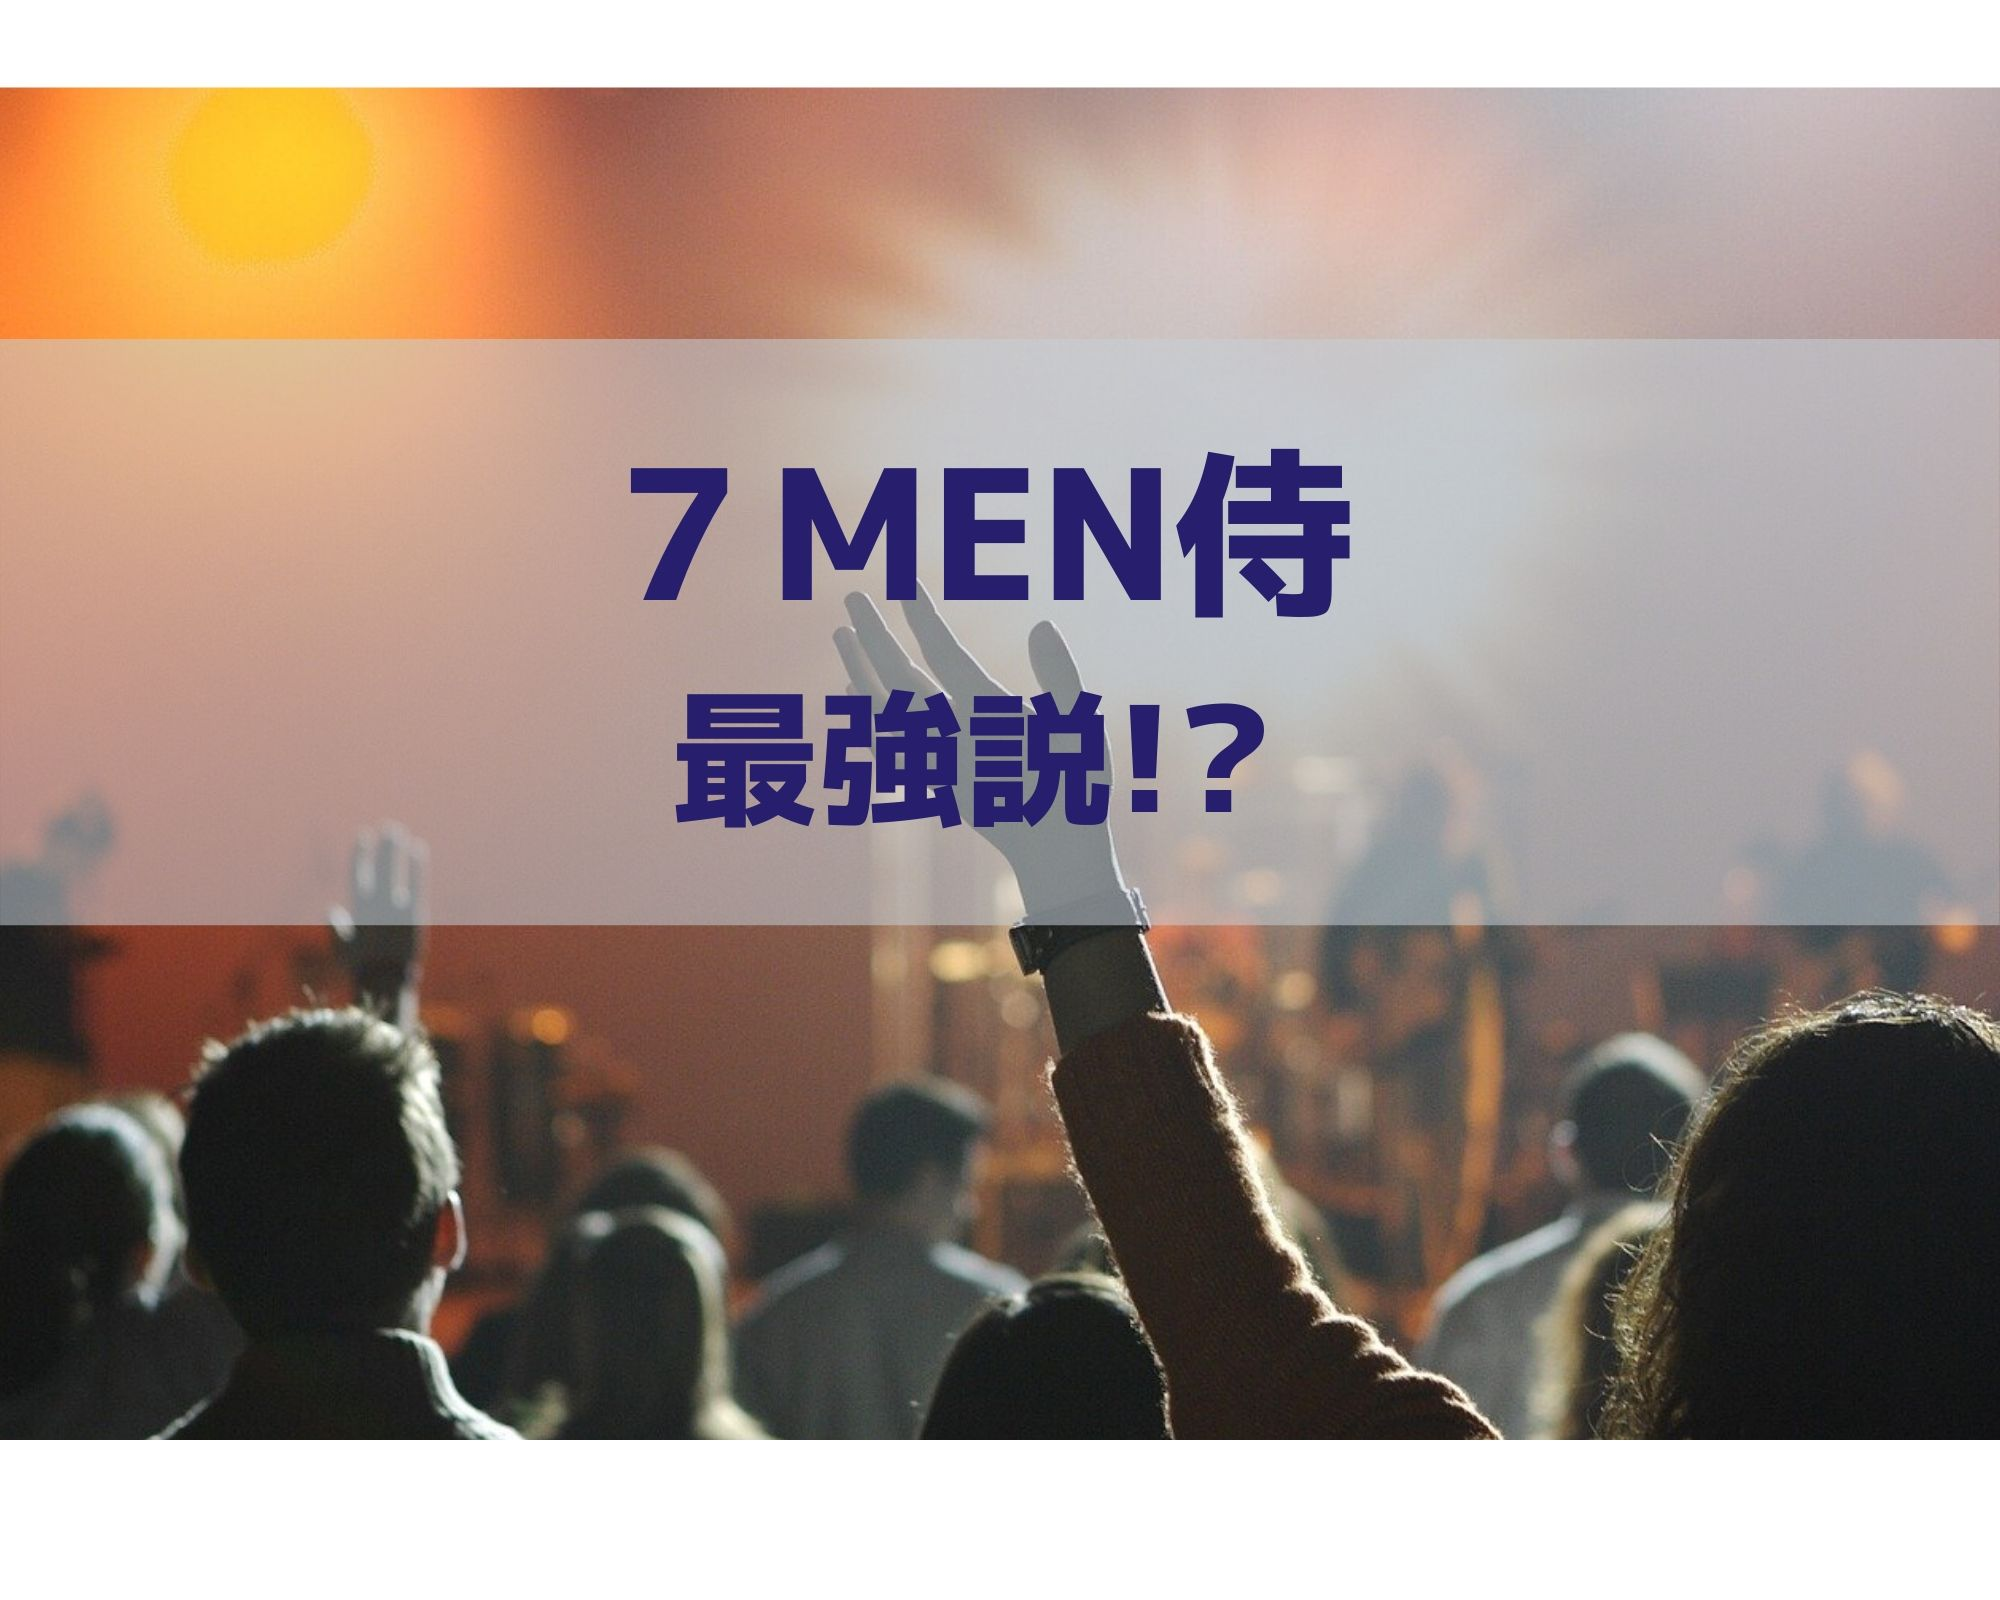 侍 7men